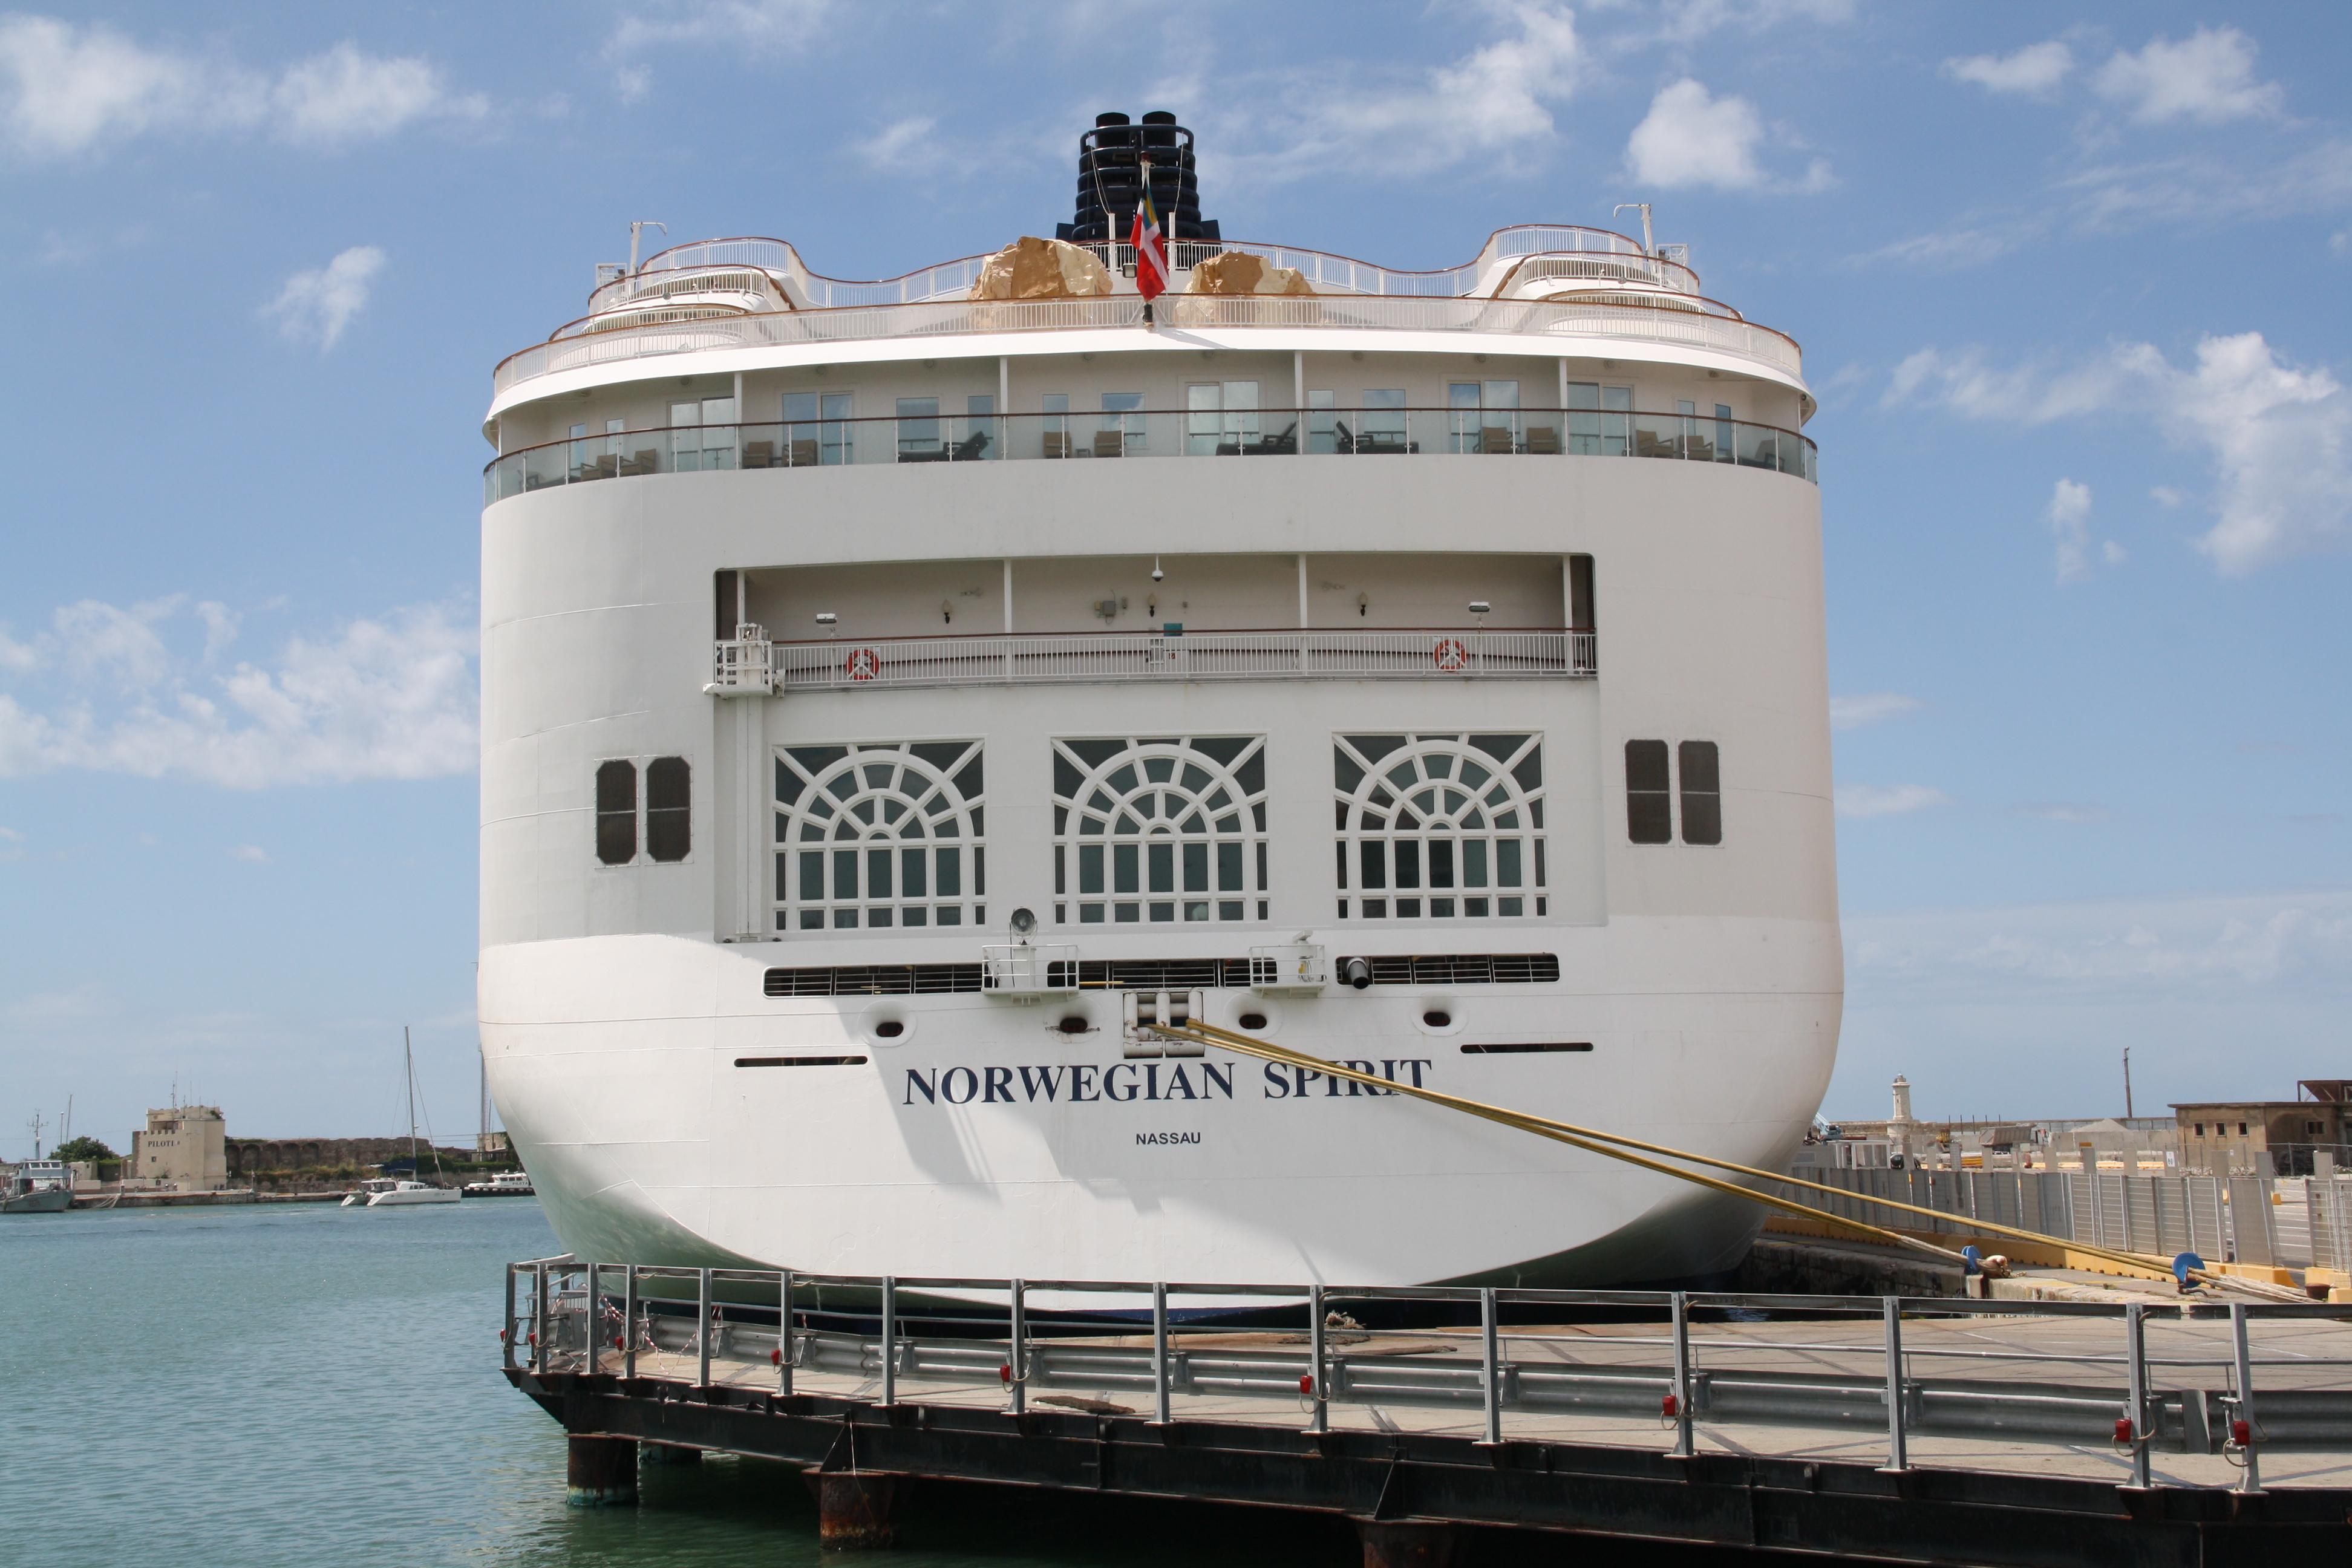 File:Norwegian Cruise Line Norwegian Spirit 11 IMO 9141065 @chesi.JPG ...